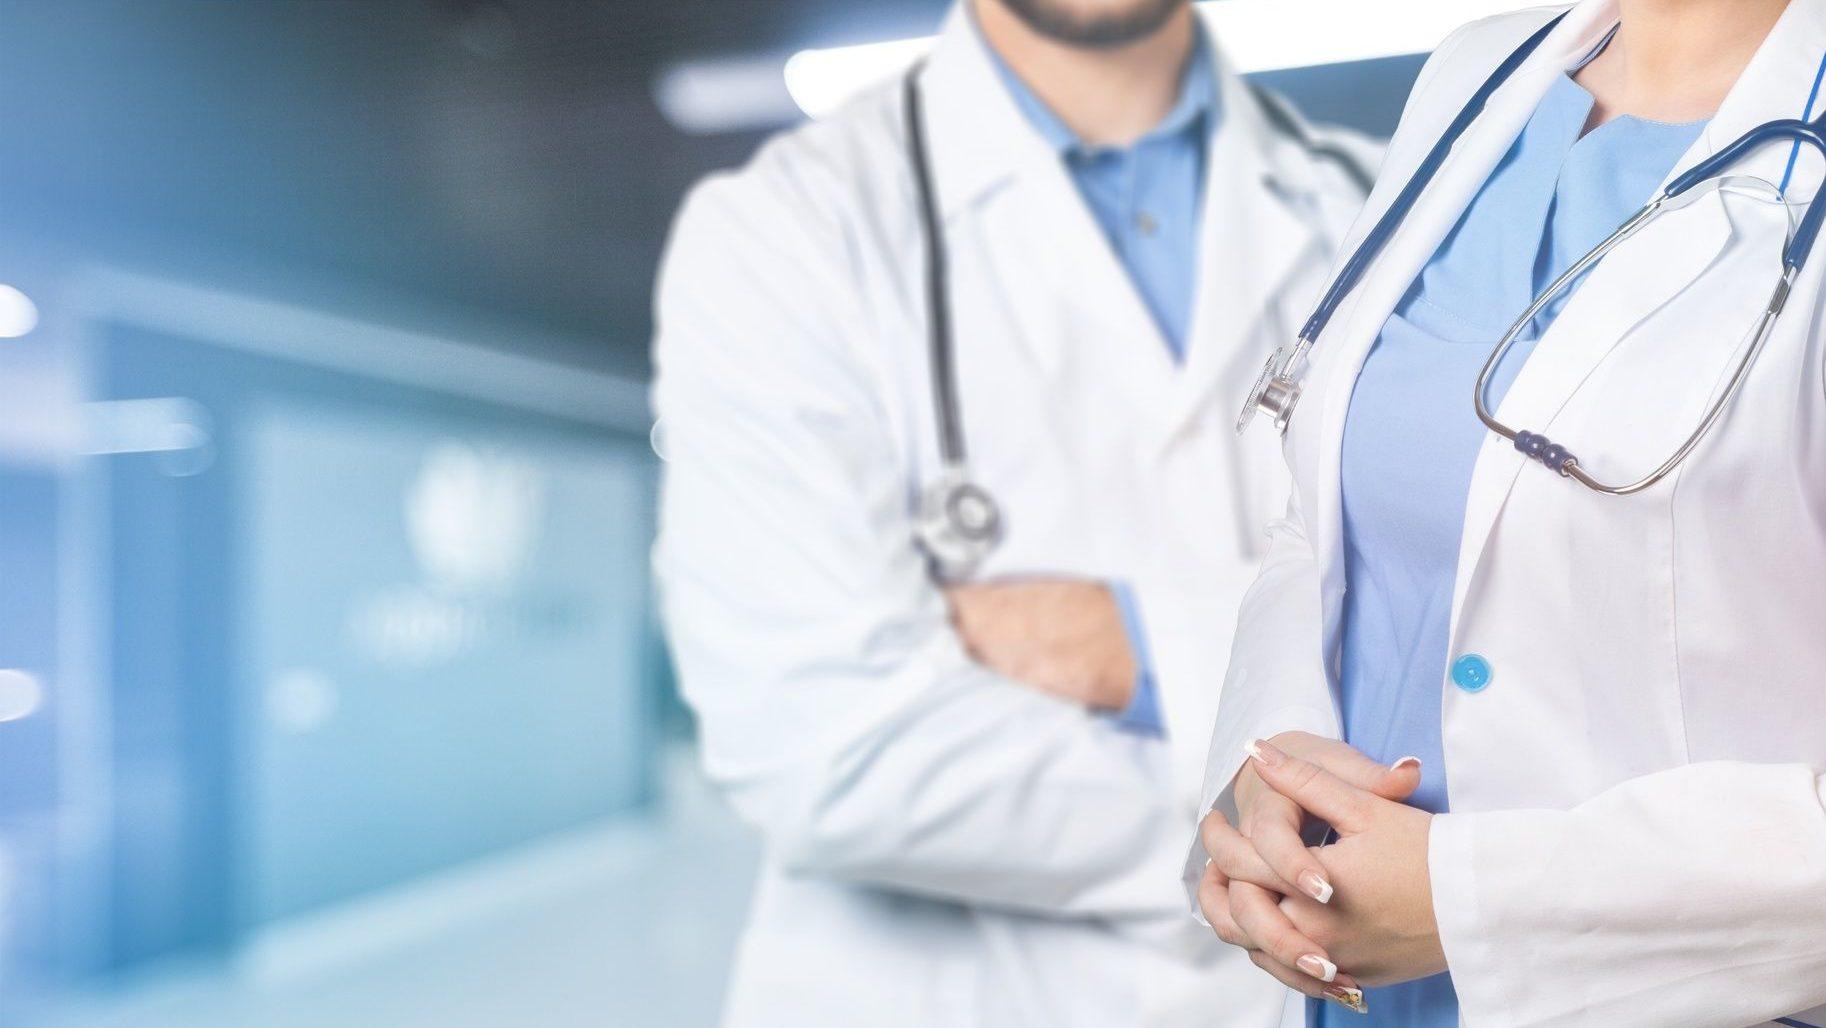 Tunisie- Les médecins appellent à un amendement du décret 2019-341